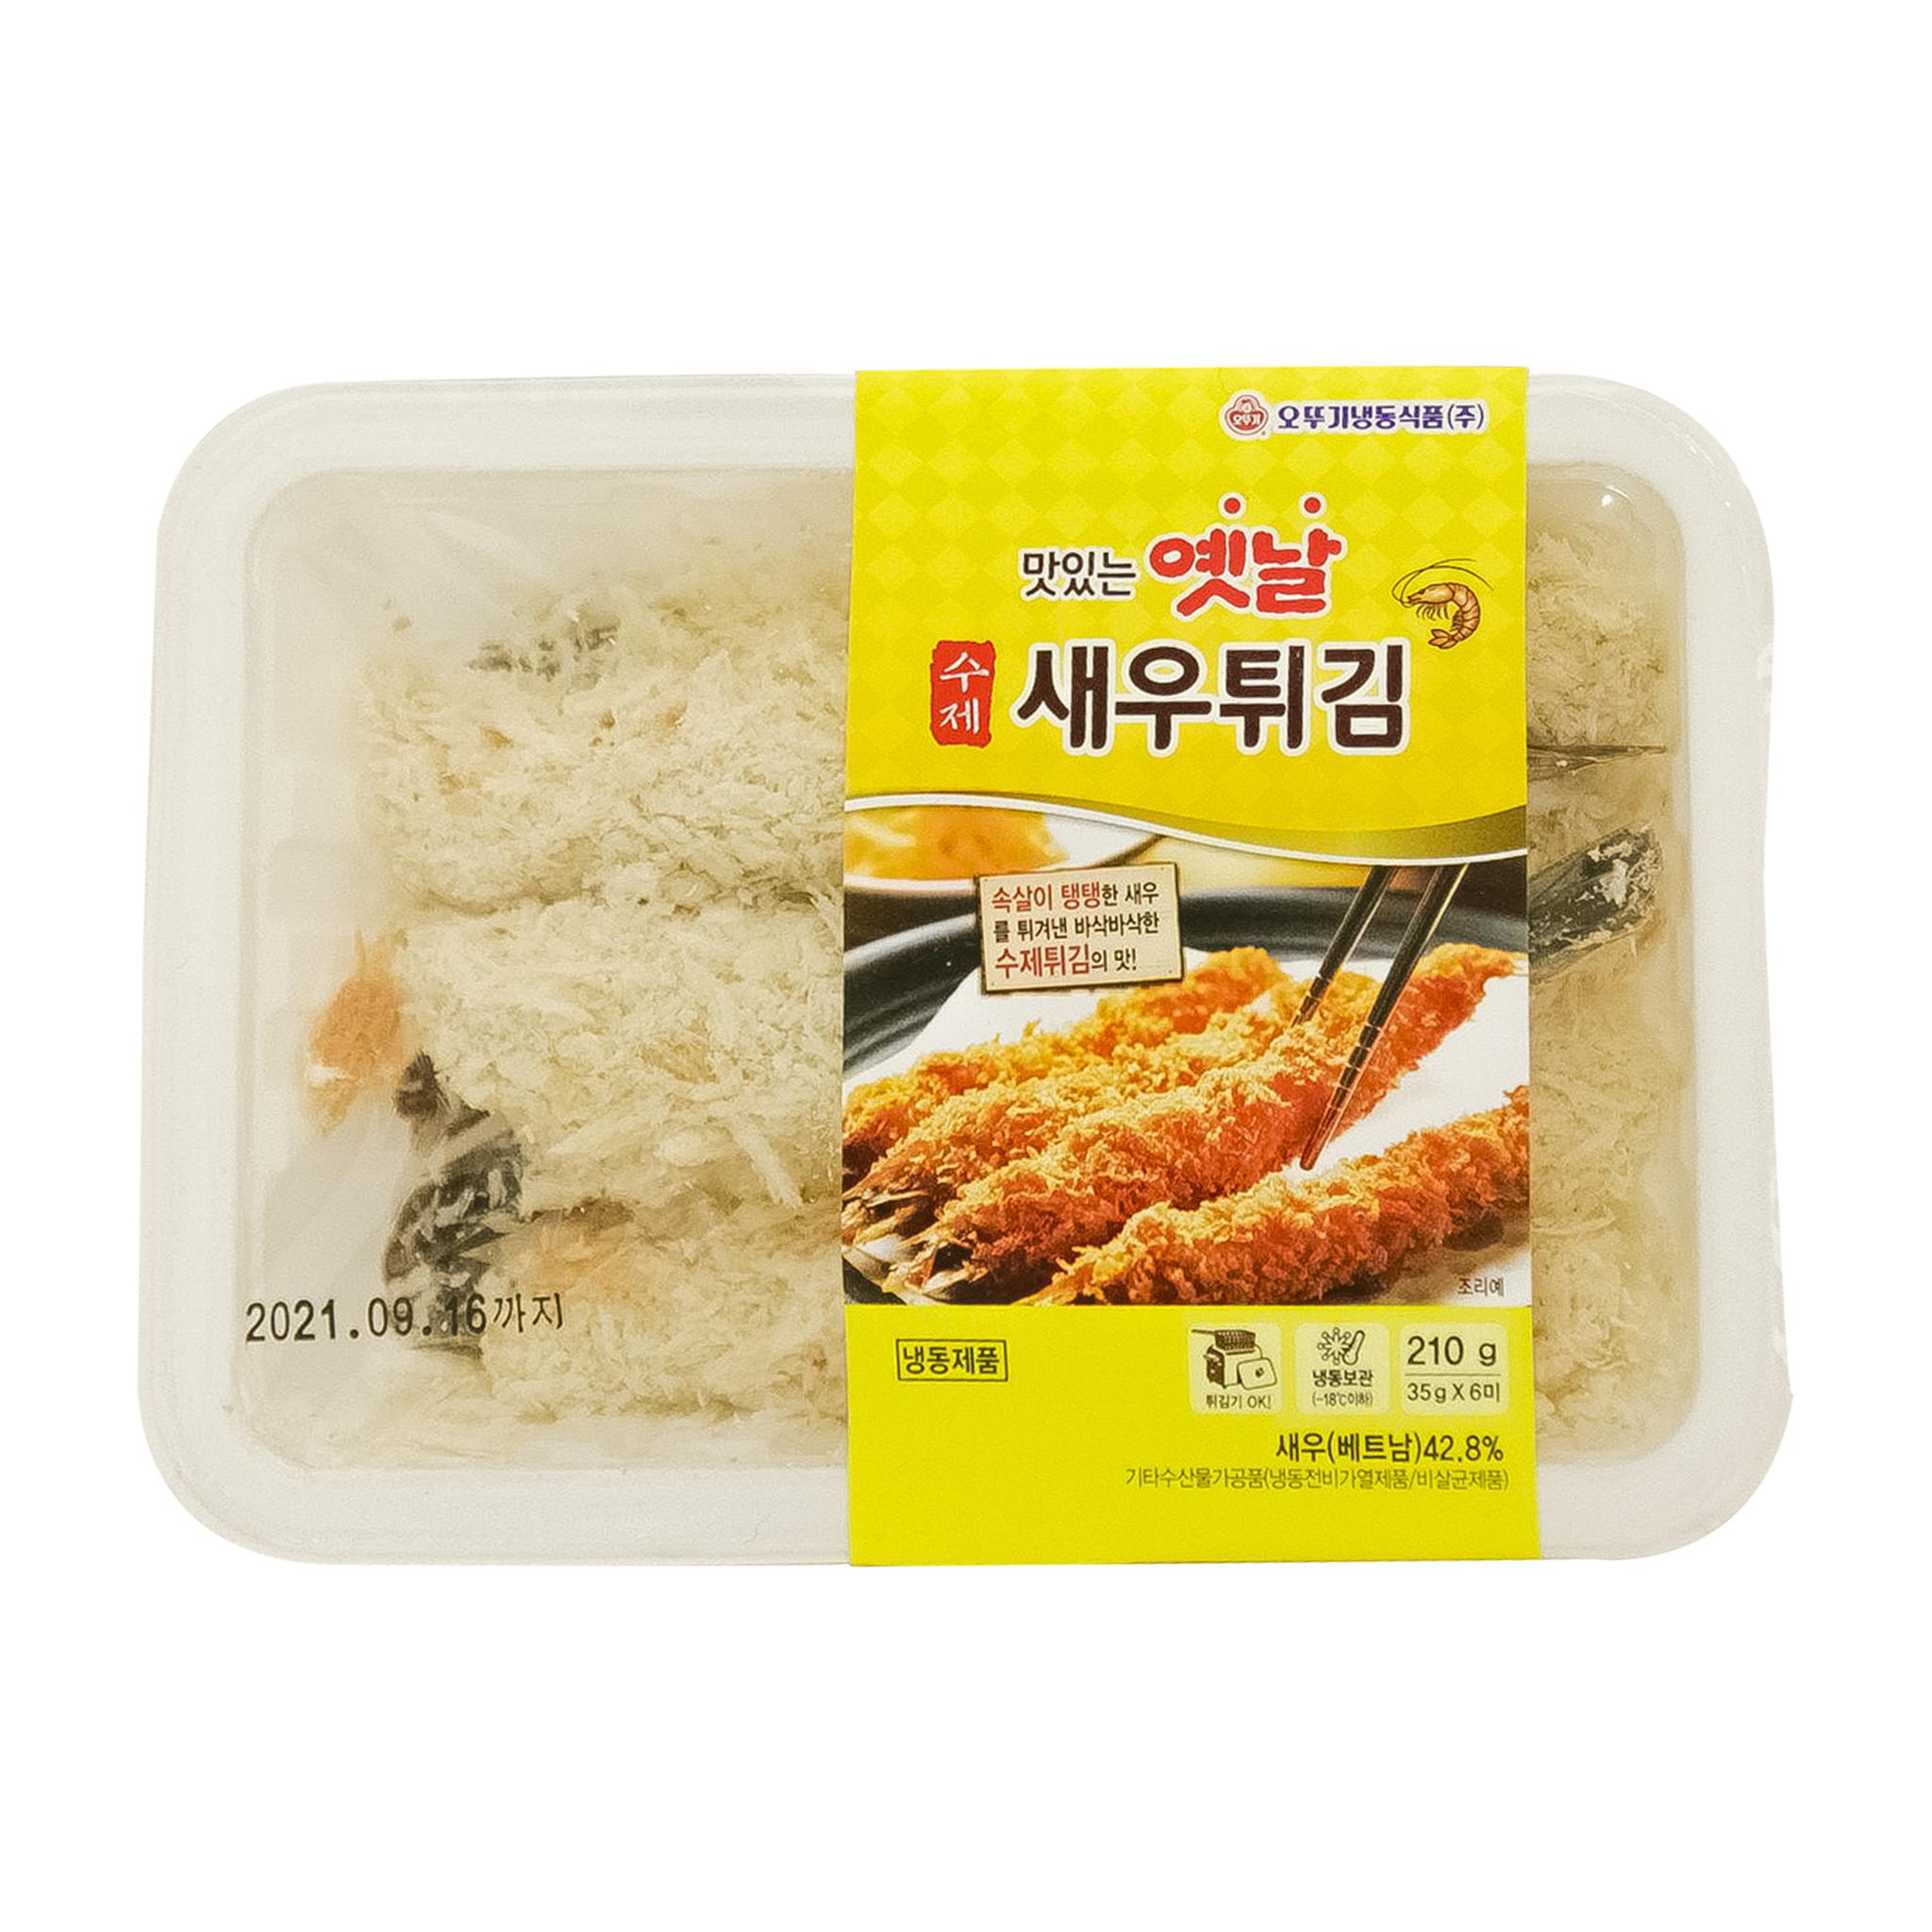 [오뚜기냉동] 맛있는 옛날 수제새우튀김